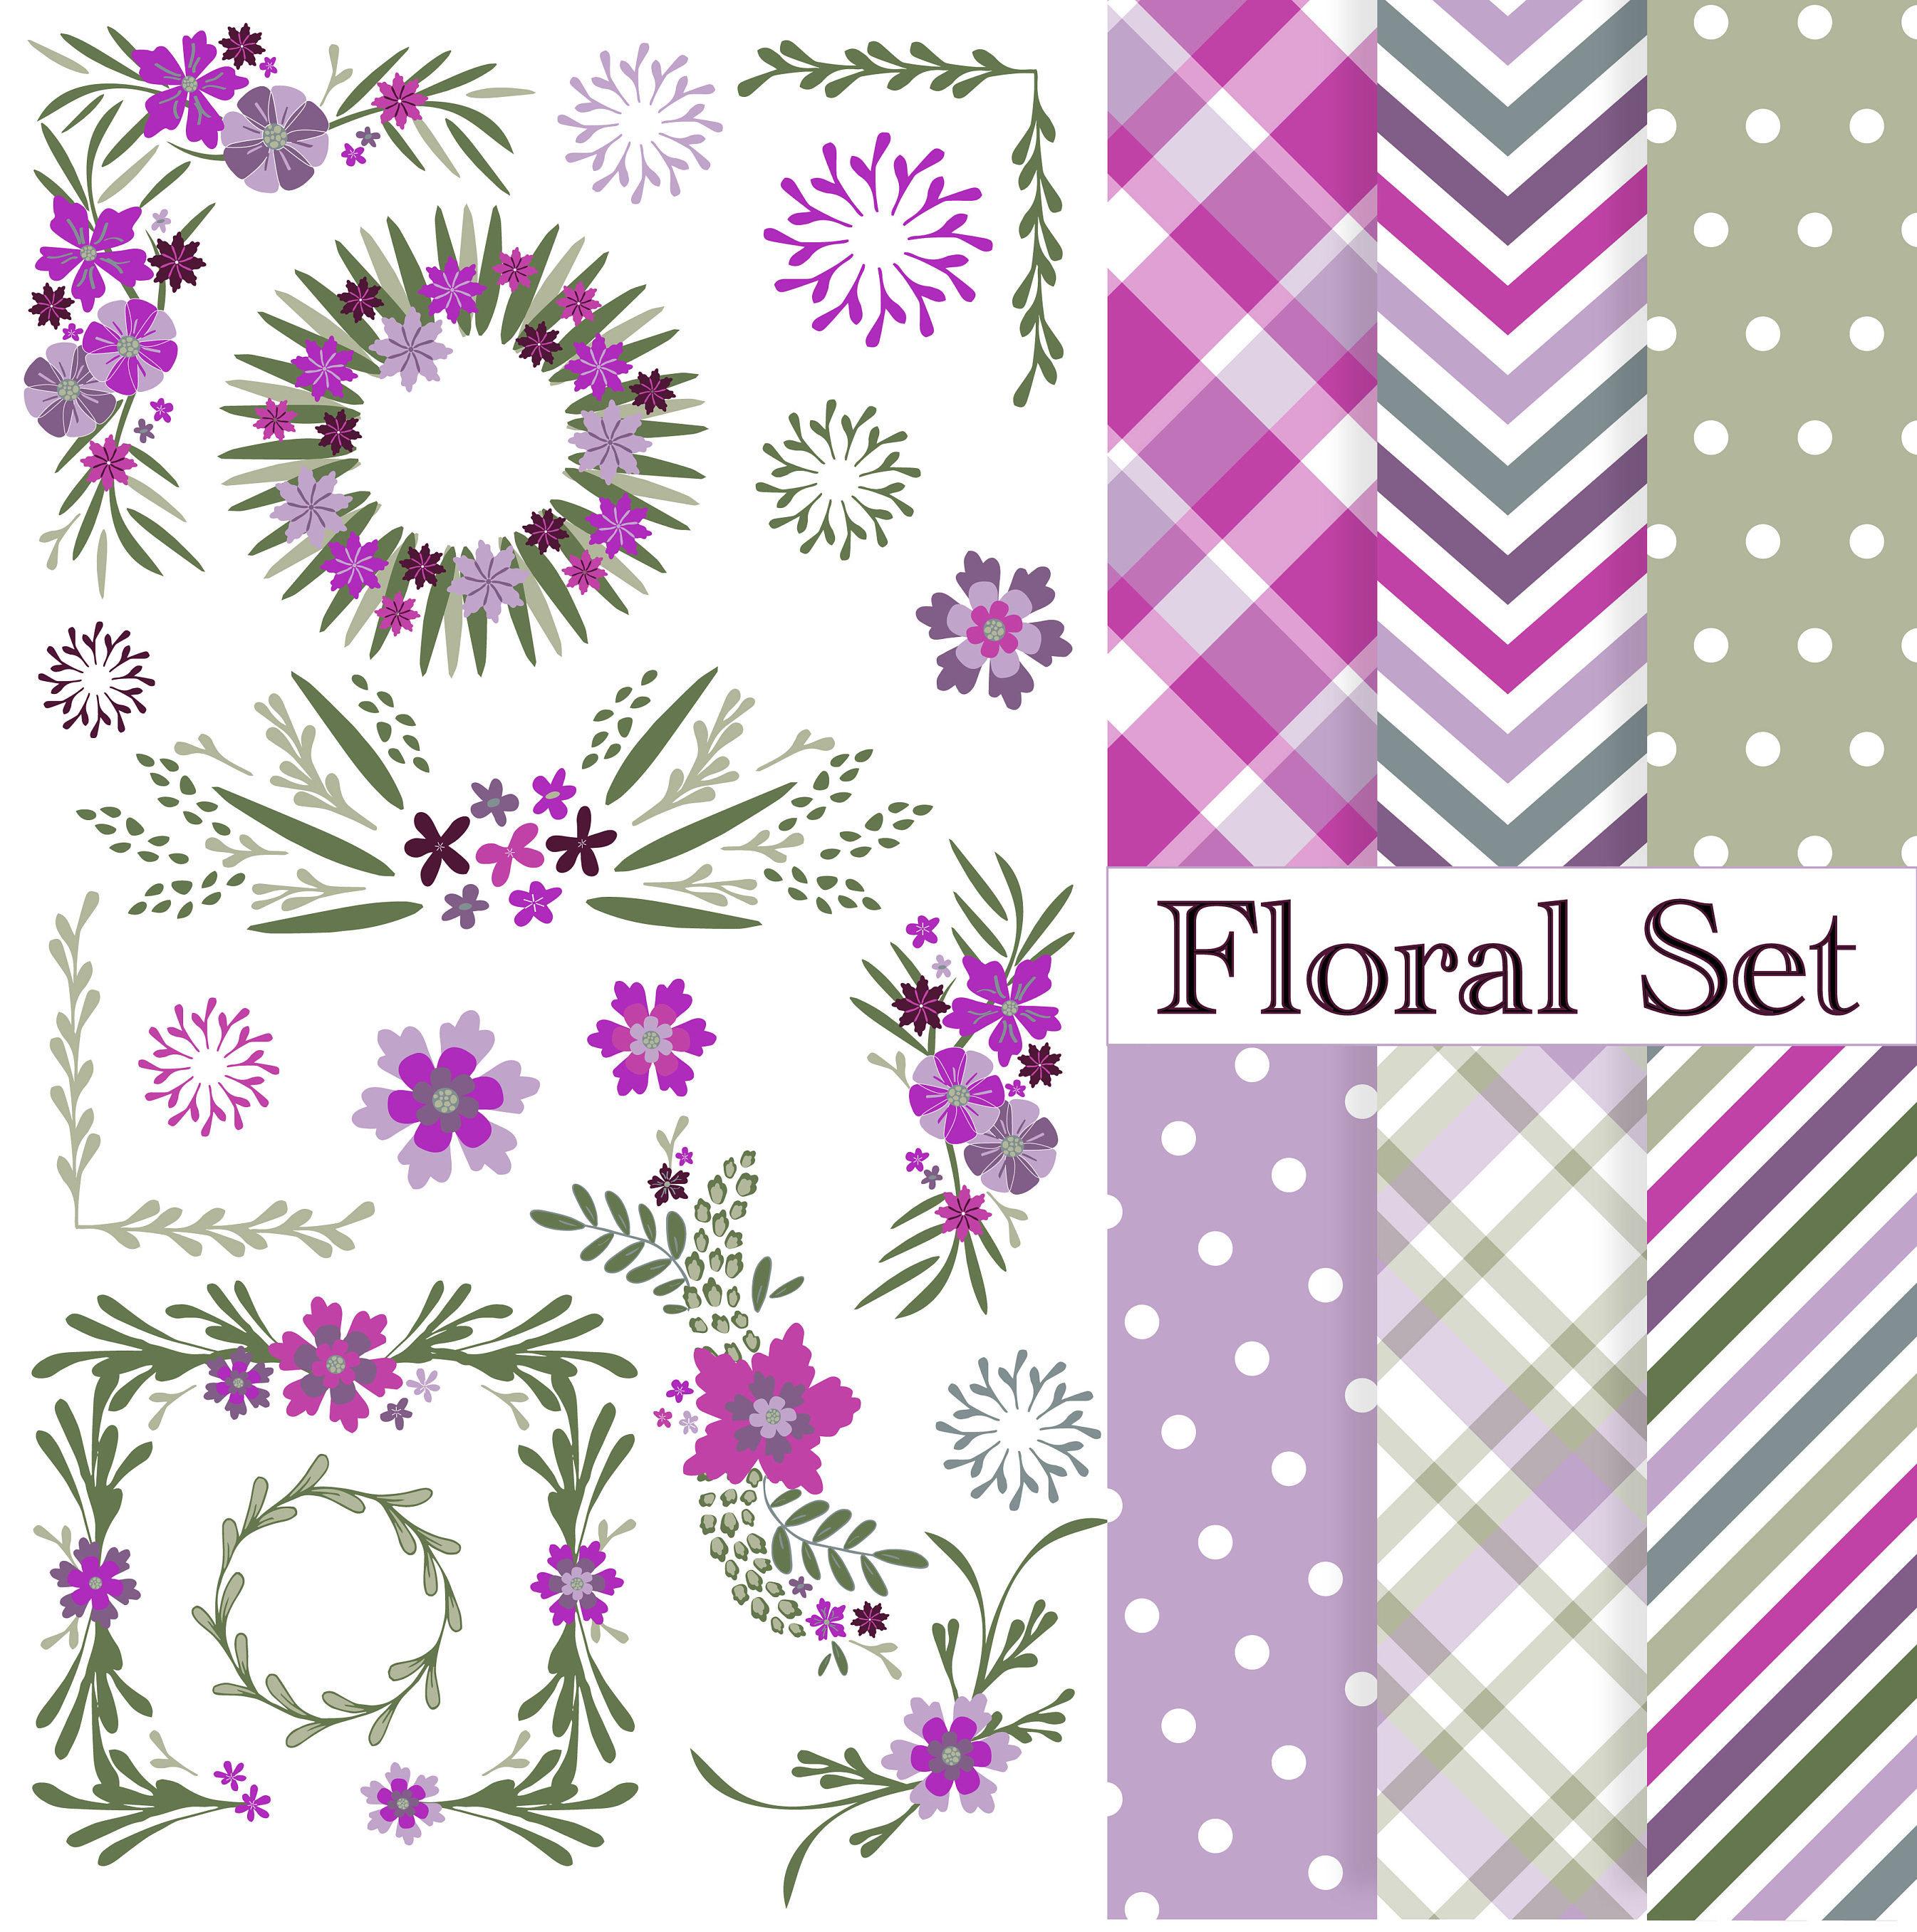 Floral Cliparts hochzeitscliparts floral Ränder und Rahmen